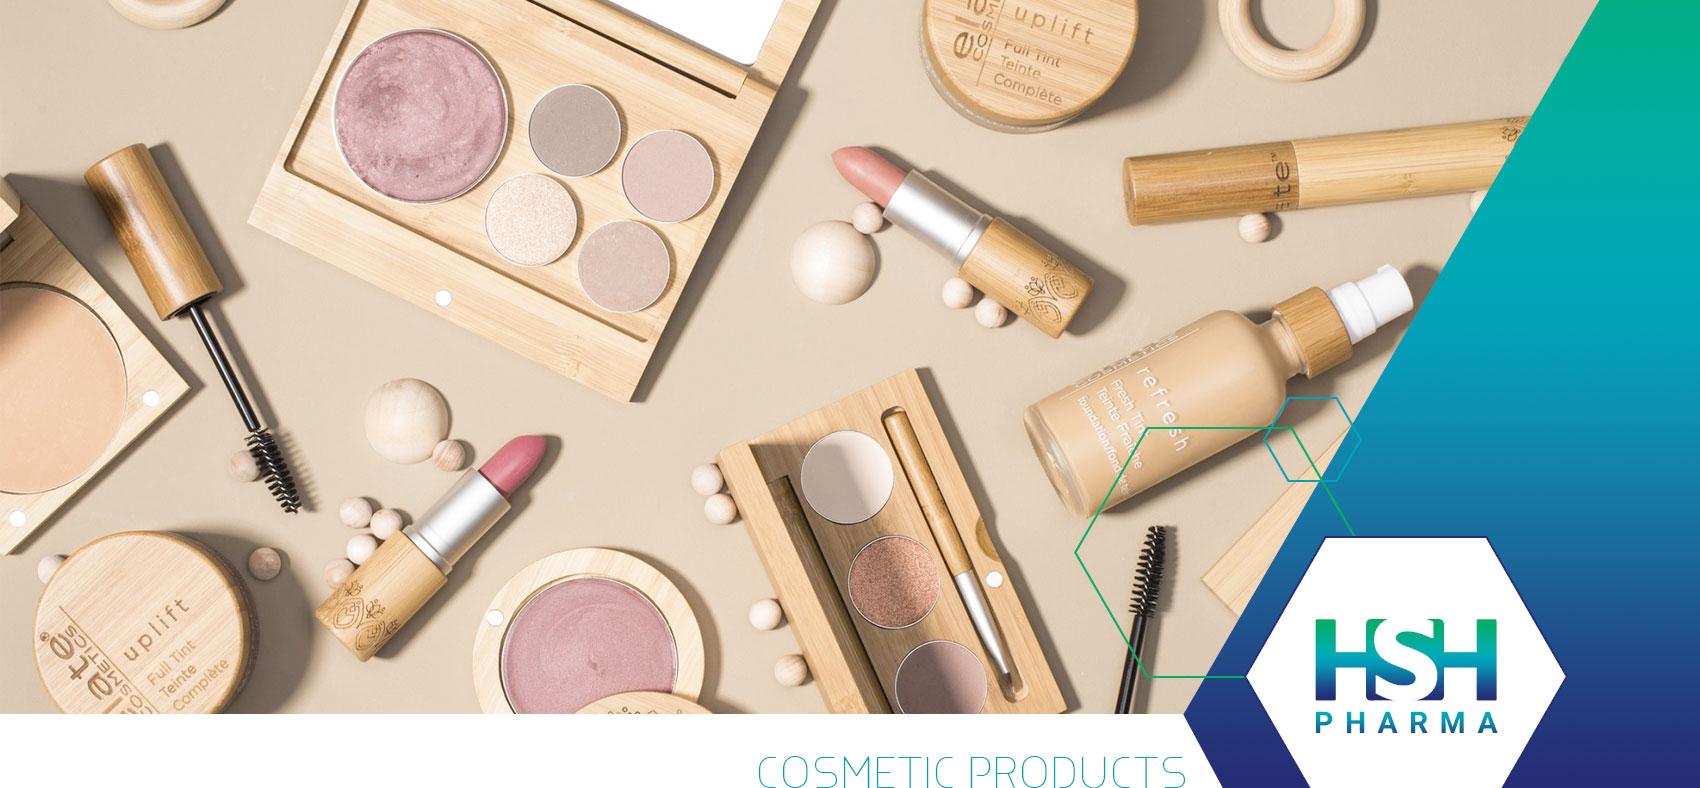 Cosmetic Hsh Pharma